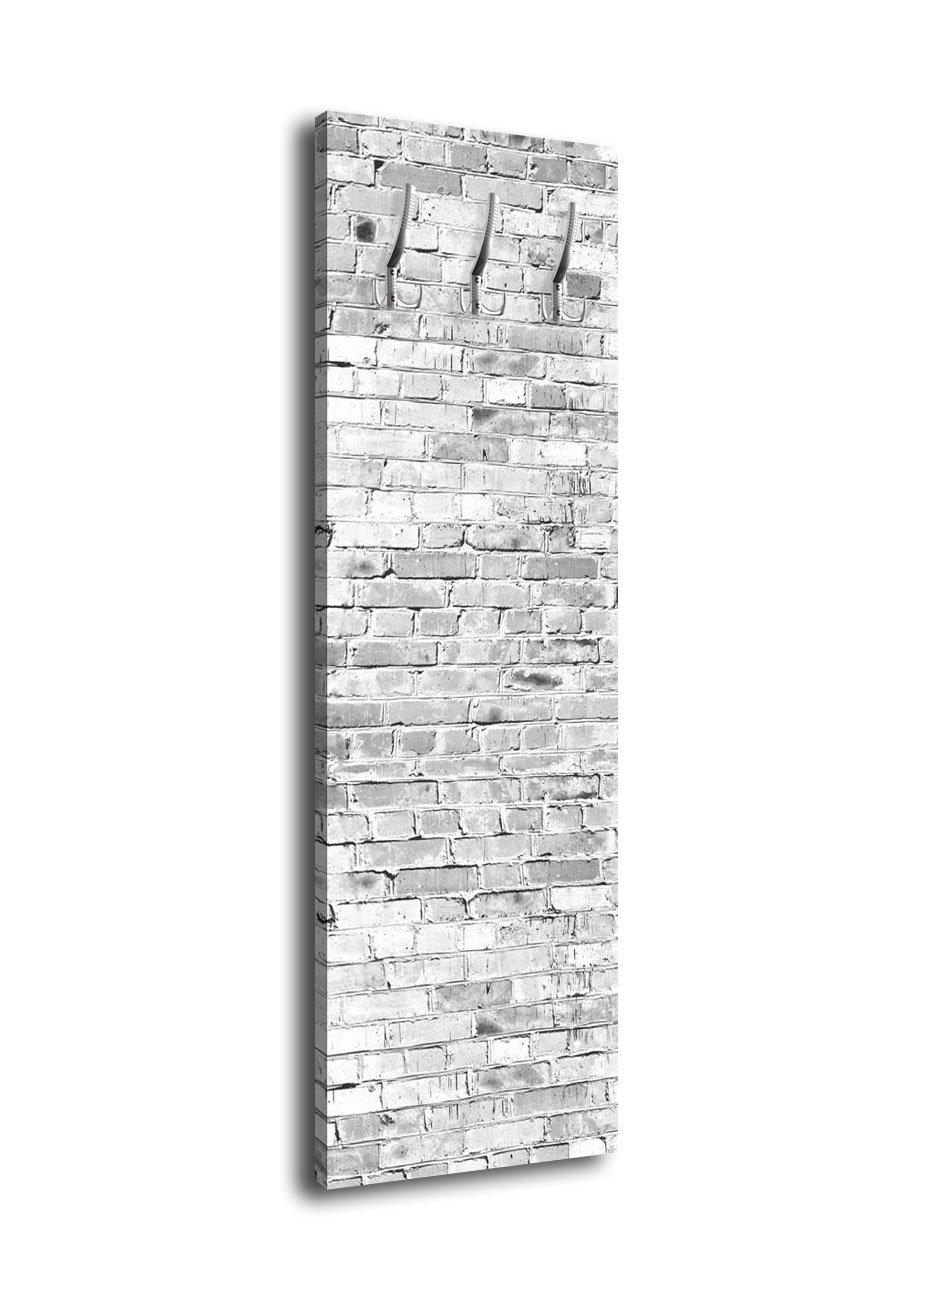 Wandmotiv24 Garderobe mit Design Klinkersteine Grau G358 40x125cm Wandgarderobe Klinker Stein Backstein